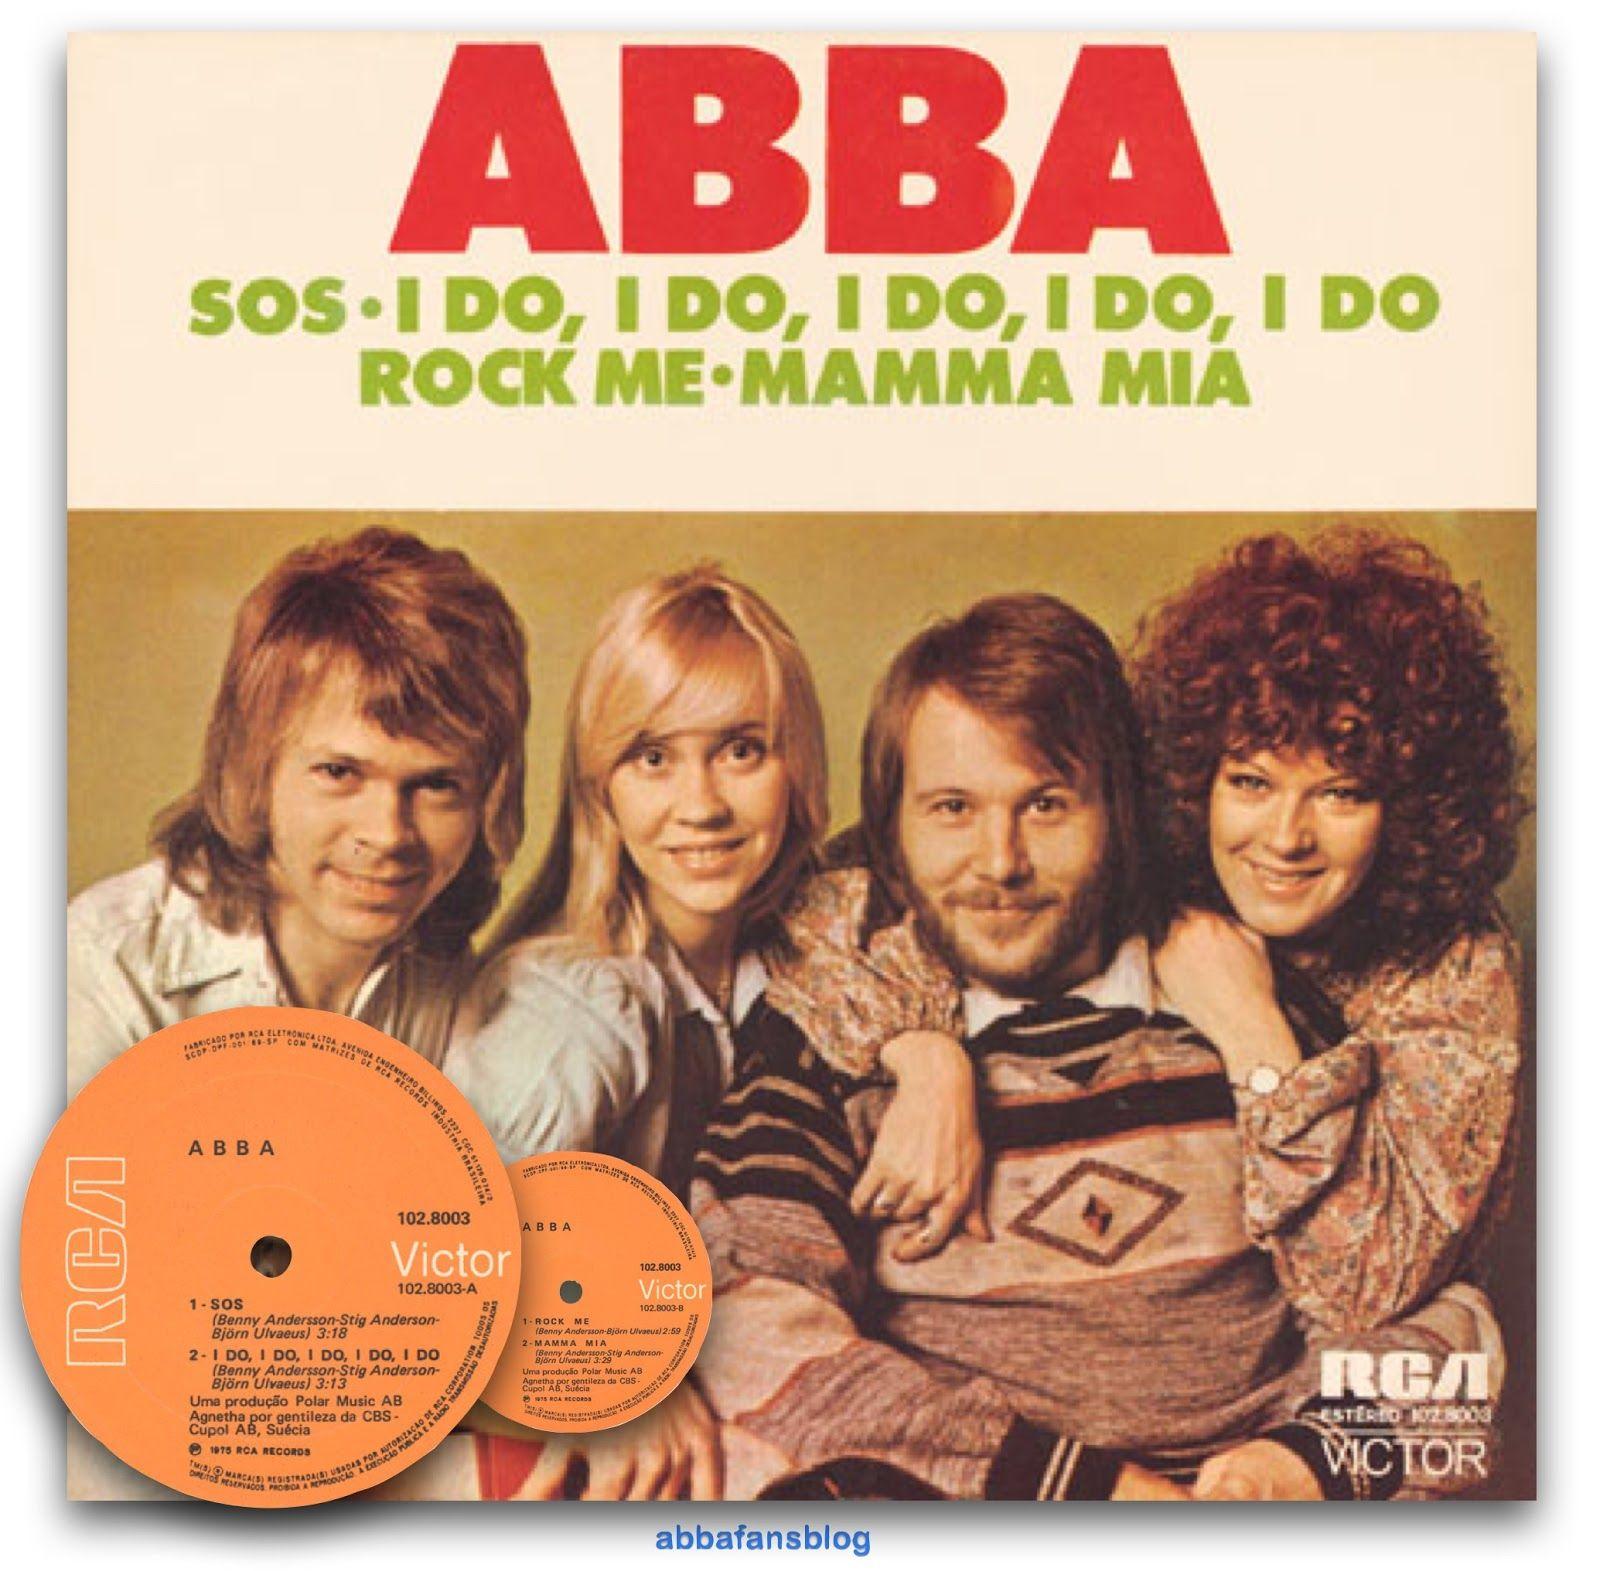 Vinyl Album Covers Album Cover